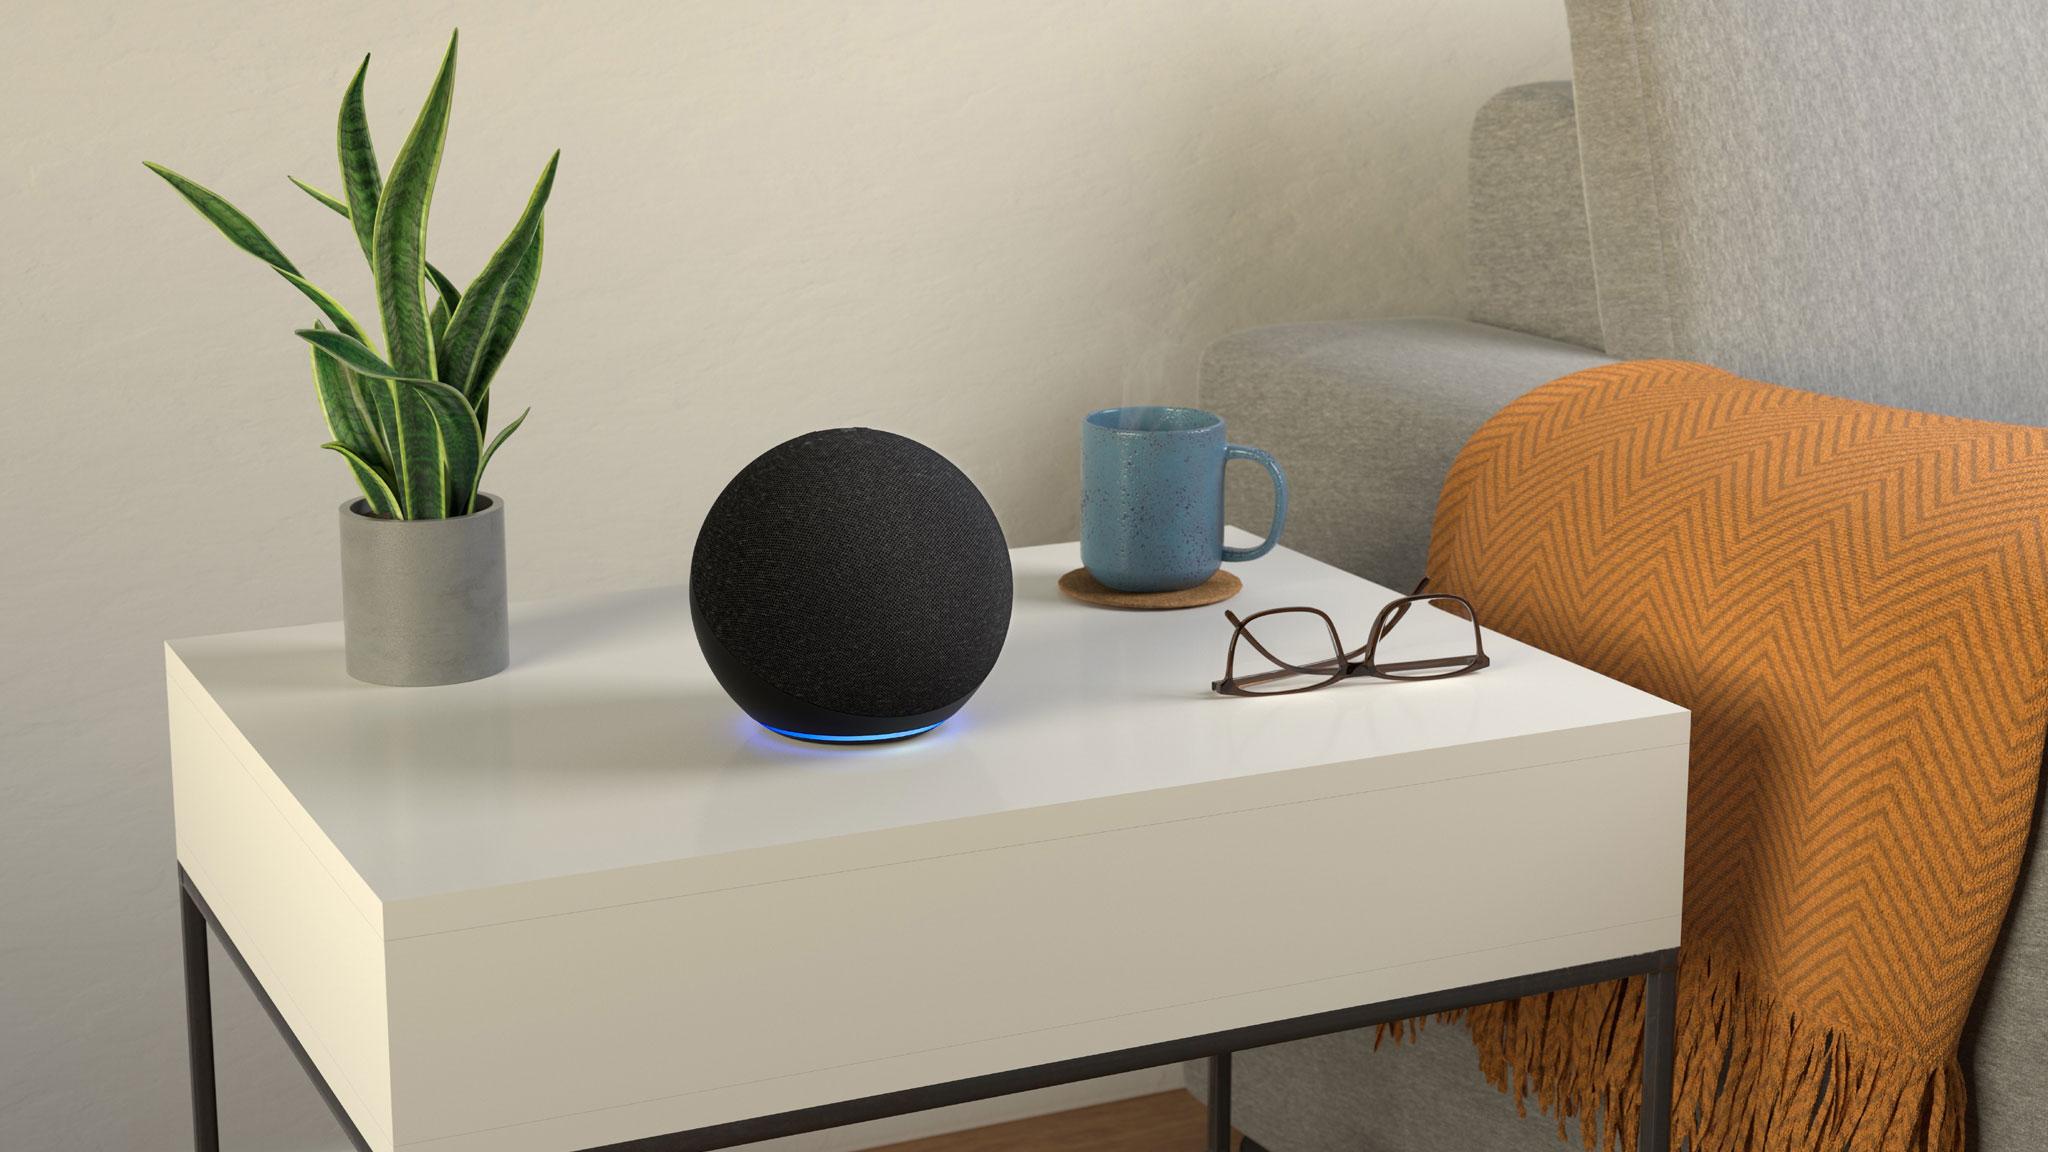 Amazon Alexa reagiert jetzt auf Geräusche